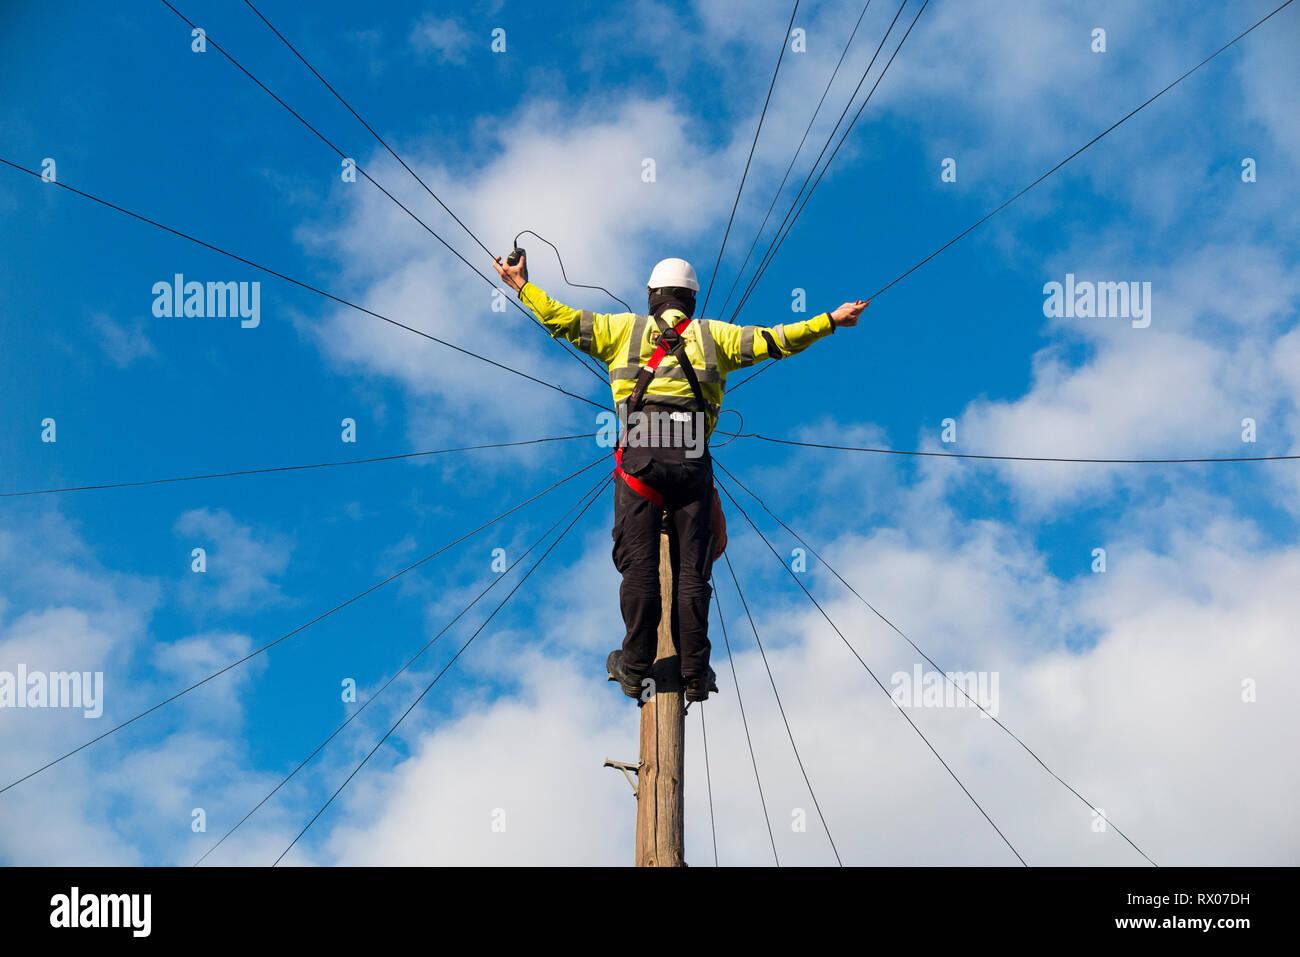 Telecom engineer lavorando sul telefono domestico / linea internet a banda larga di filo di rame fino a telefono / palo del telegrafo in una strada di Londra / Road, & blue sky Immagini Stock